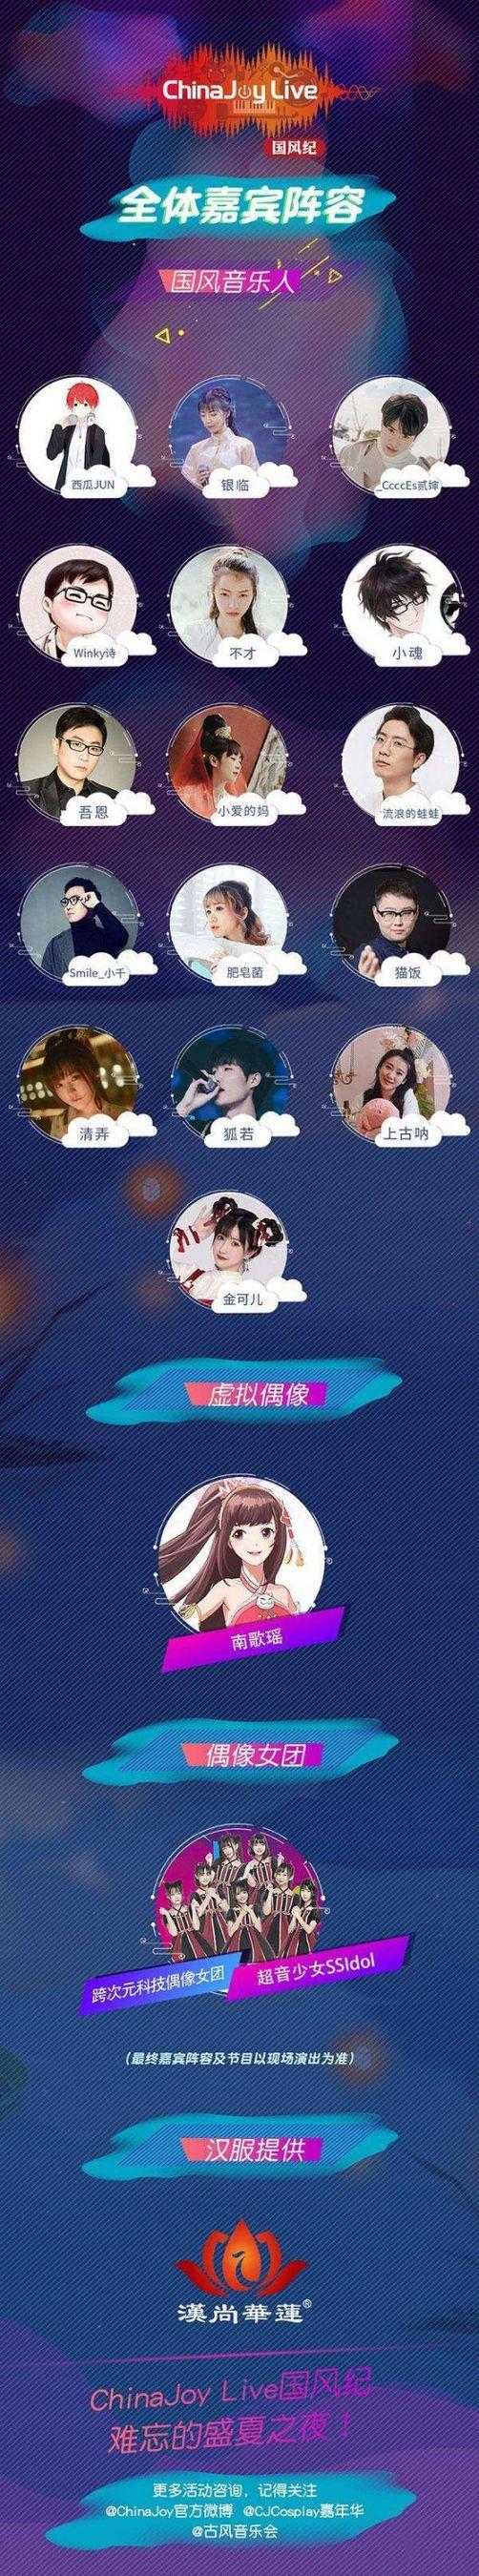 2018 上海ChinaJoy音乐嘉年华时间+门票预订+嘉宾